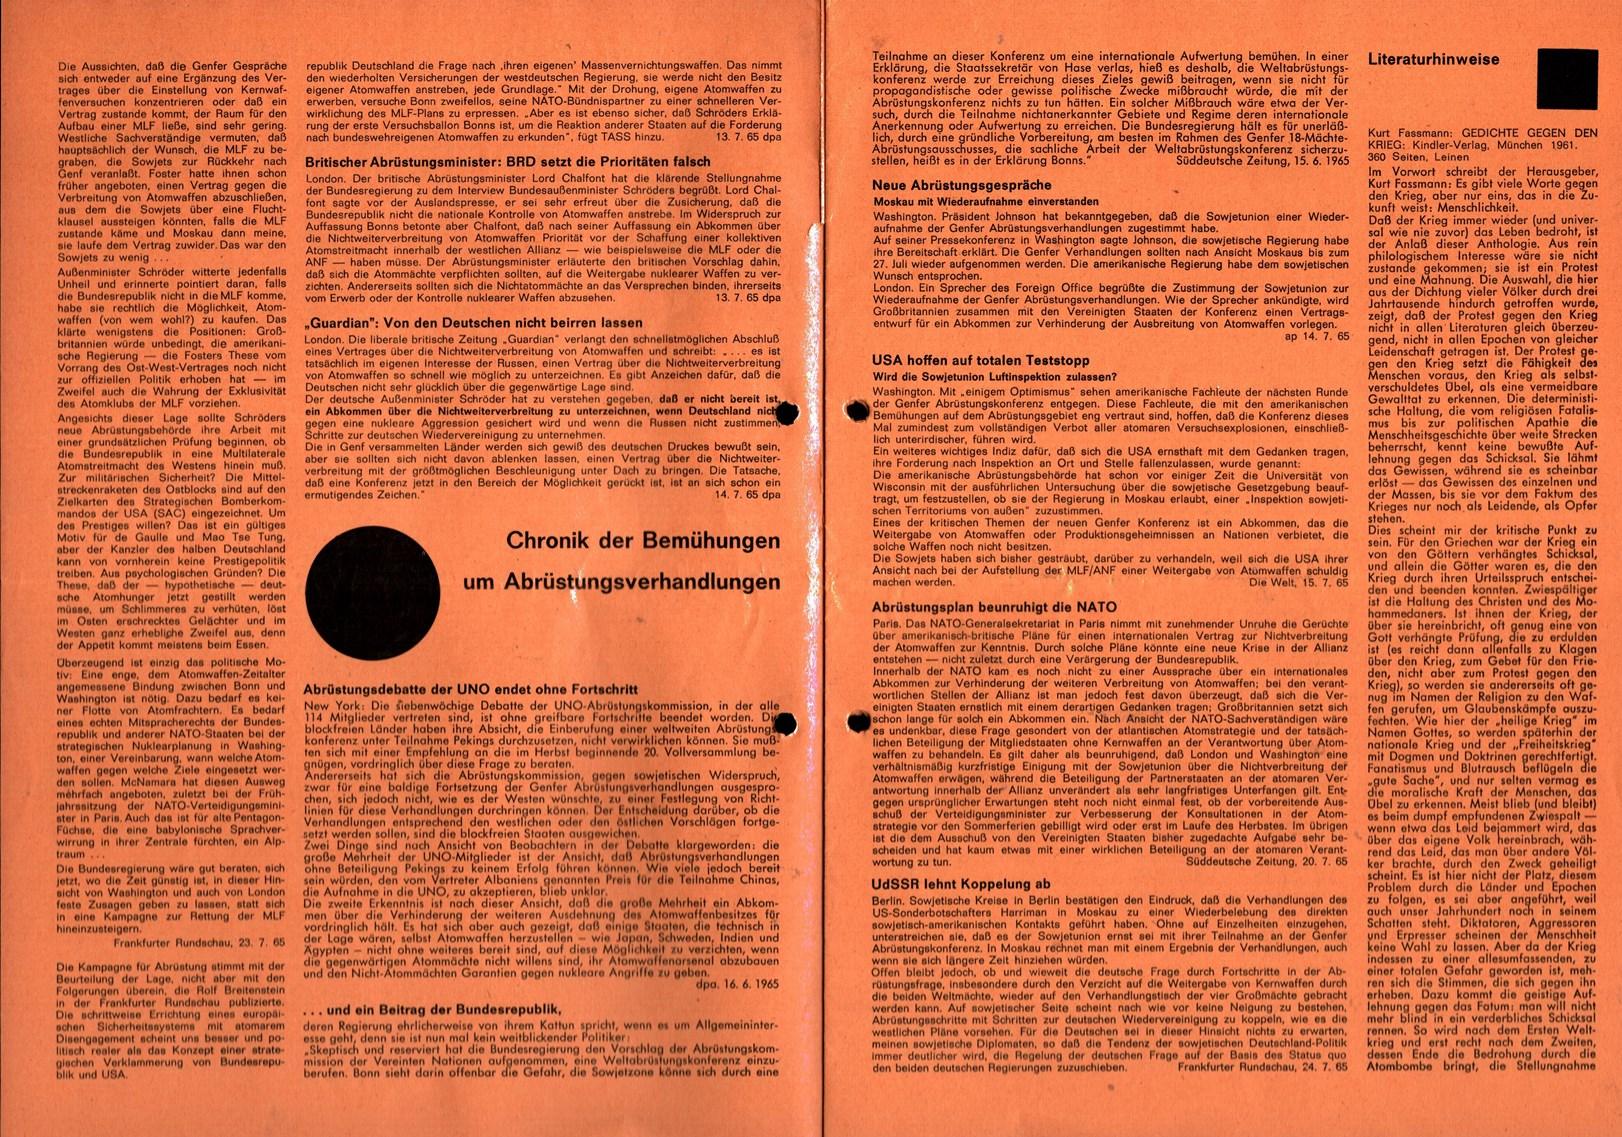 Infos_zur_Abruestung_1965_024_025_002